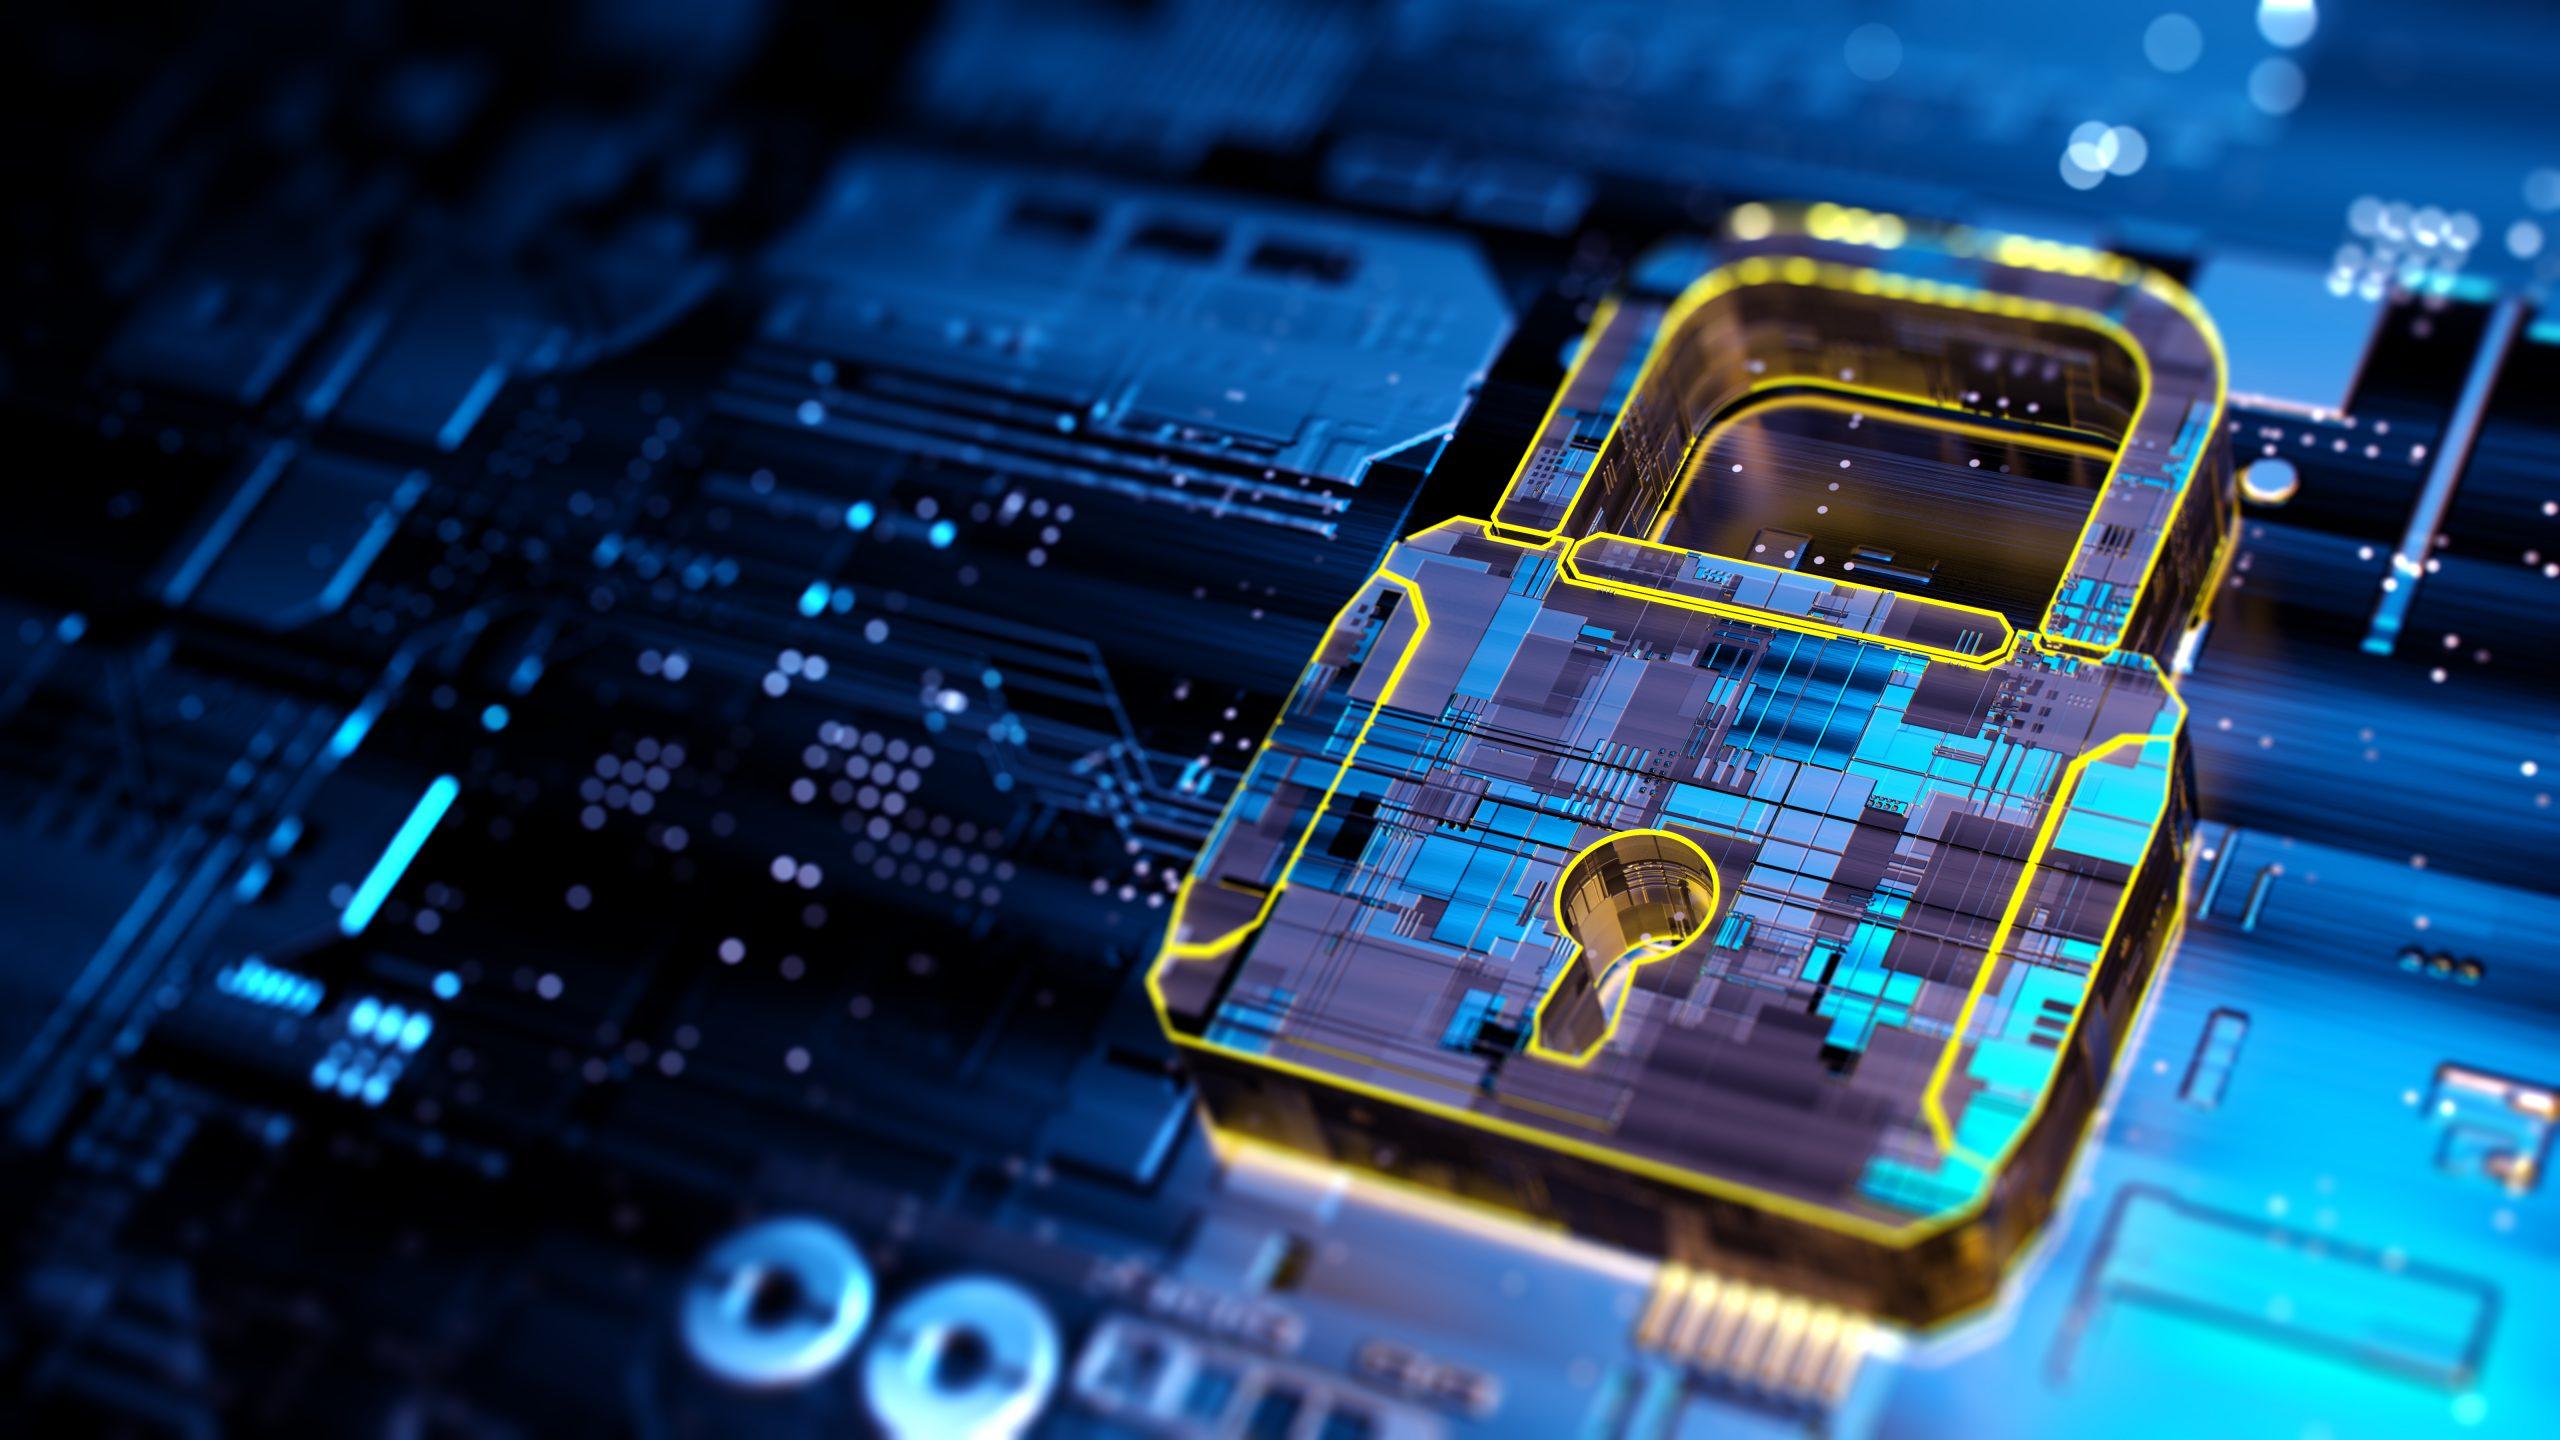 Neuer Leitfaden Cloud Security: Cloud-Services sicher betreiben